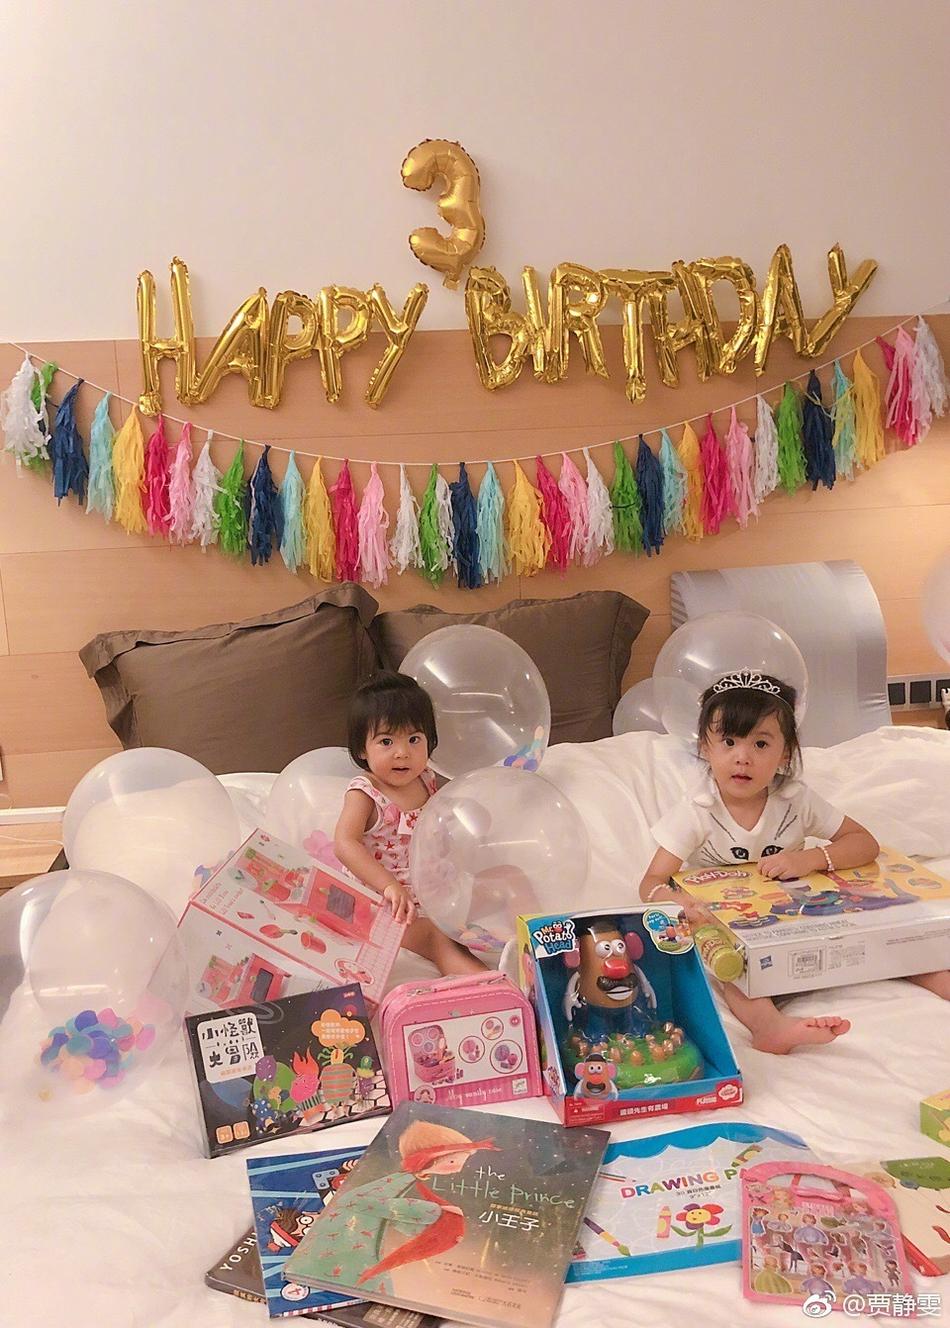 贾静雯修杰楷为����庆祝三岁生日 小公主超可爱